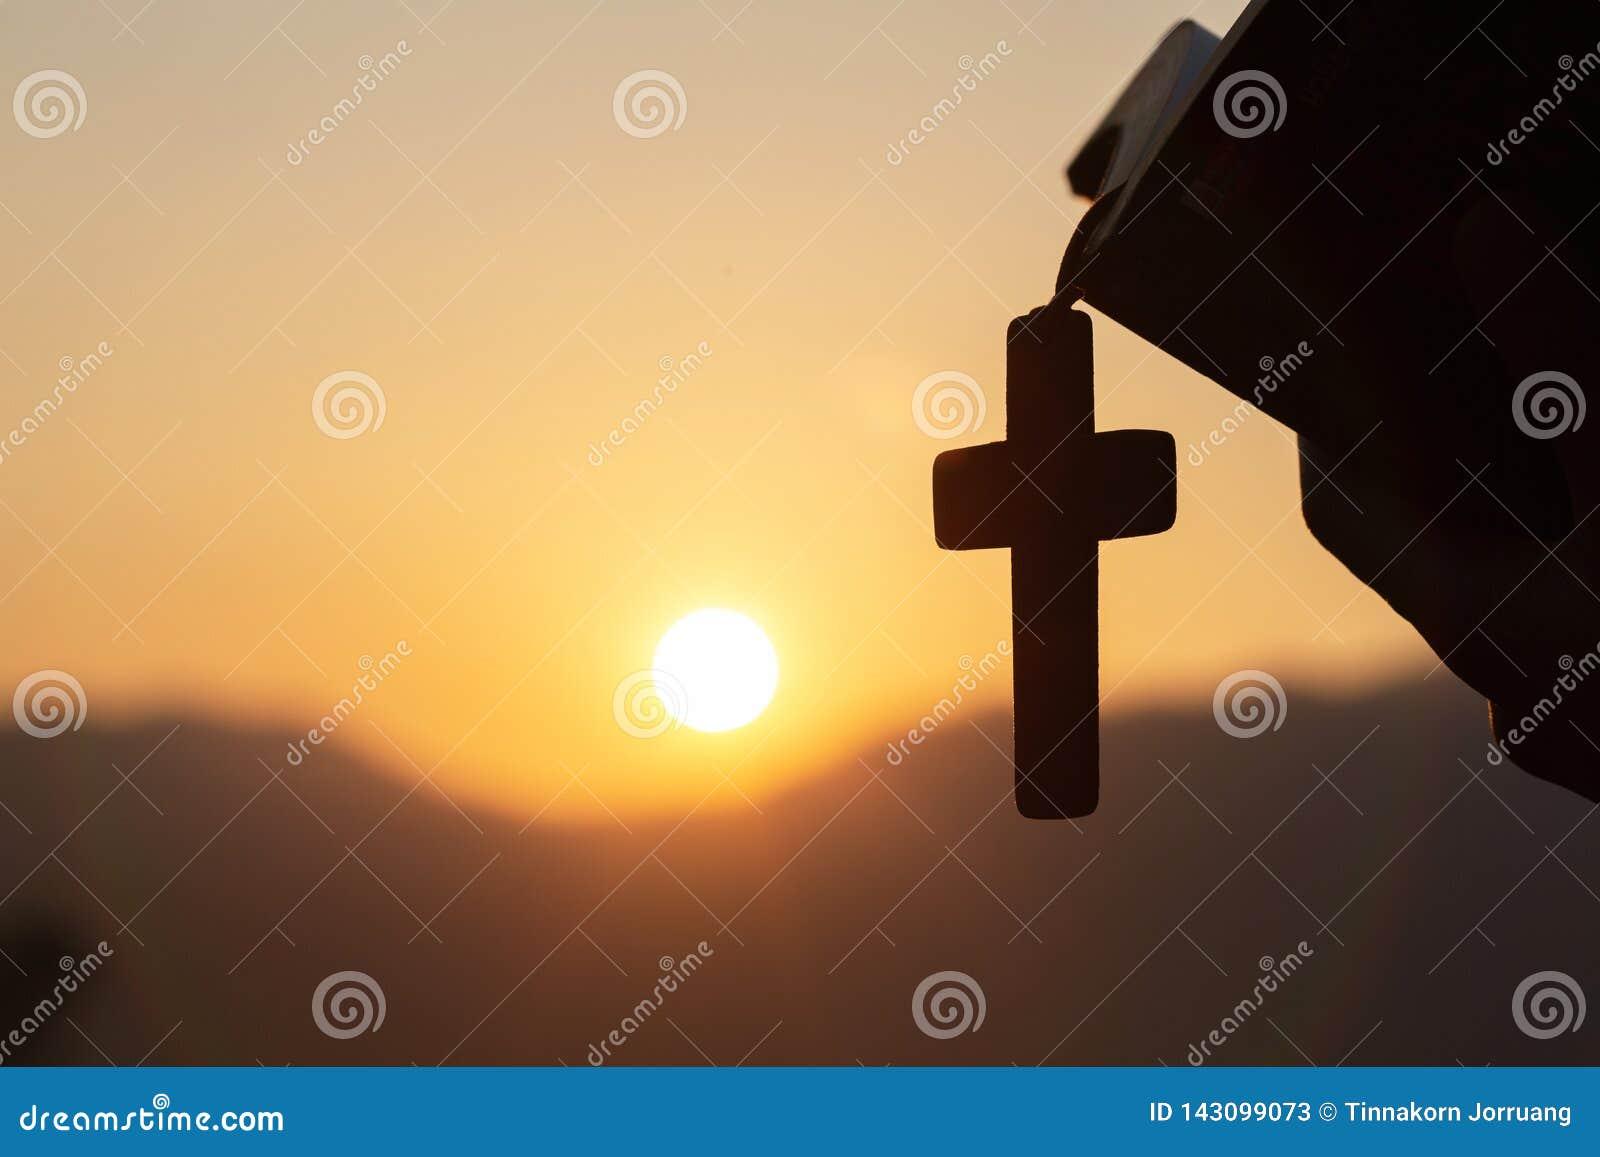 Siluette der christlichen Frau eine Bibel und eine hölzerne christliche Kreuzkette beim Beten halten zum Gott